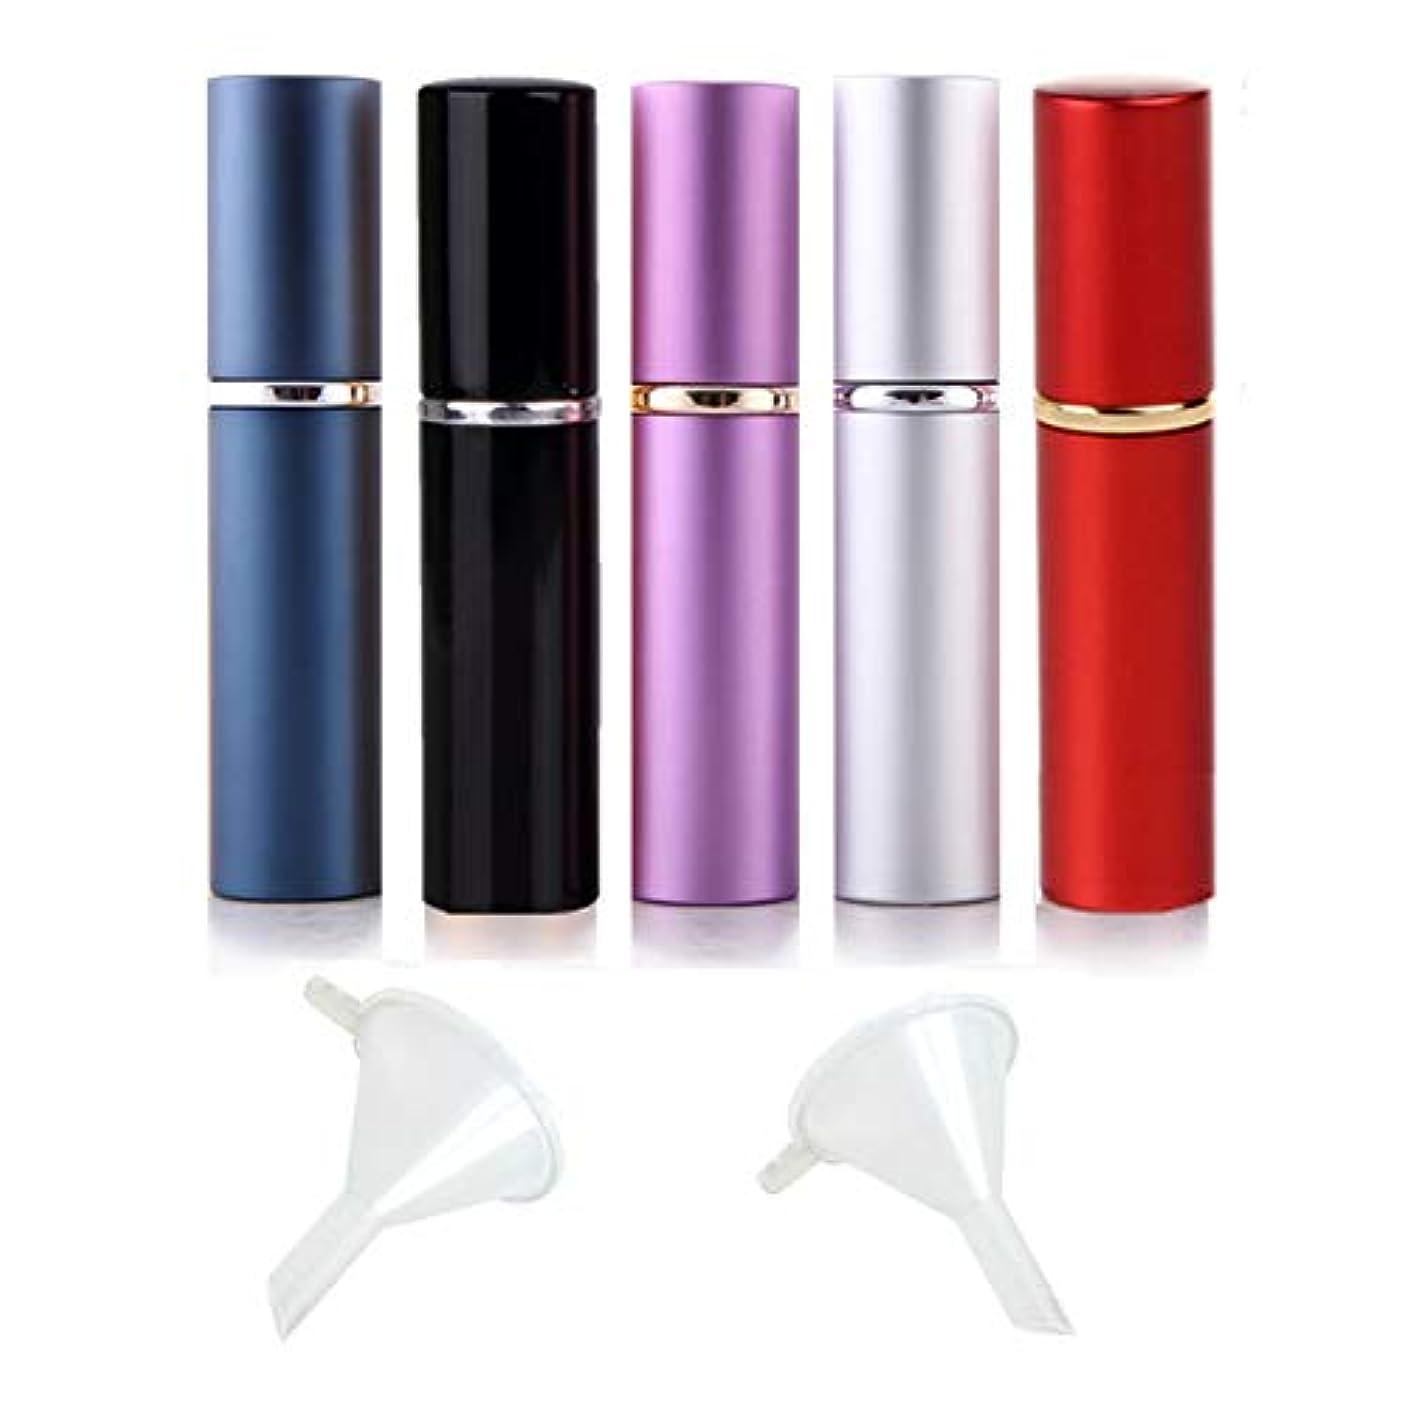 正直オールデコレーションアトマイザー 5本 香水ボトル 香水瓶 6ml詰め替え容器 レディース スプレーボトル ミニ漏斗付き